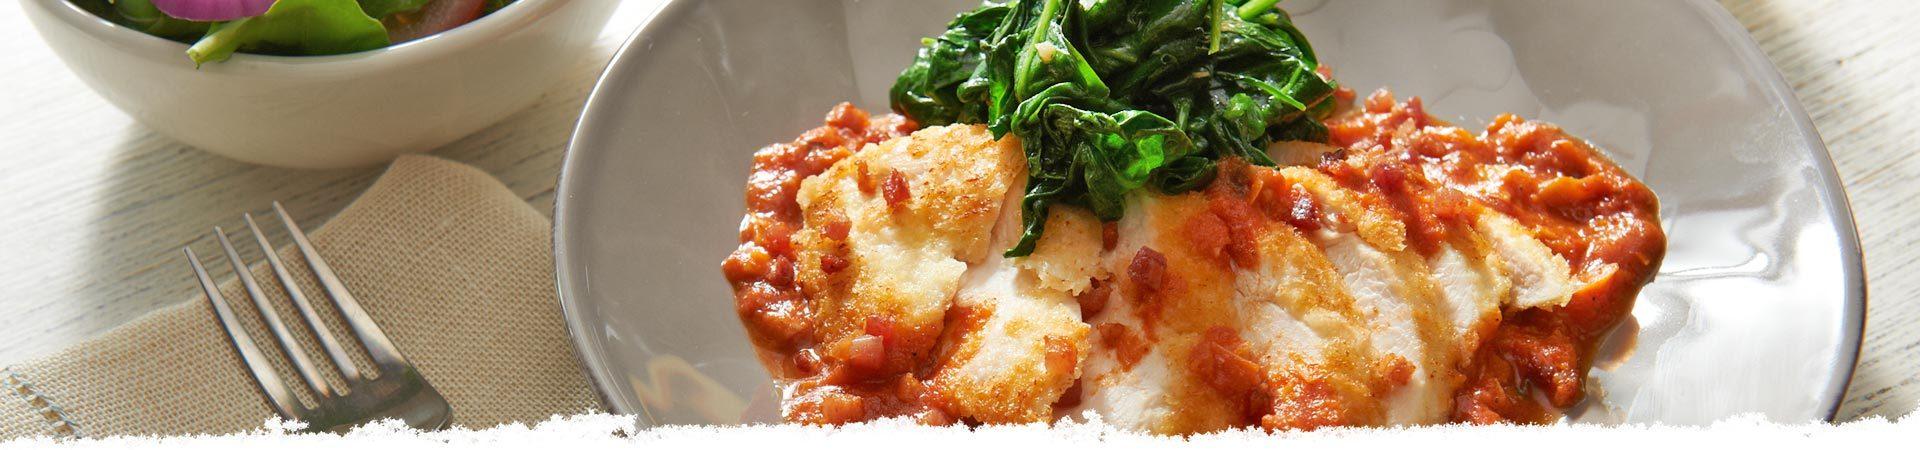 Asiago & Artichoke Chicken Florentine